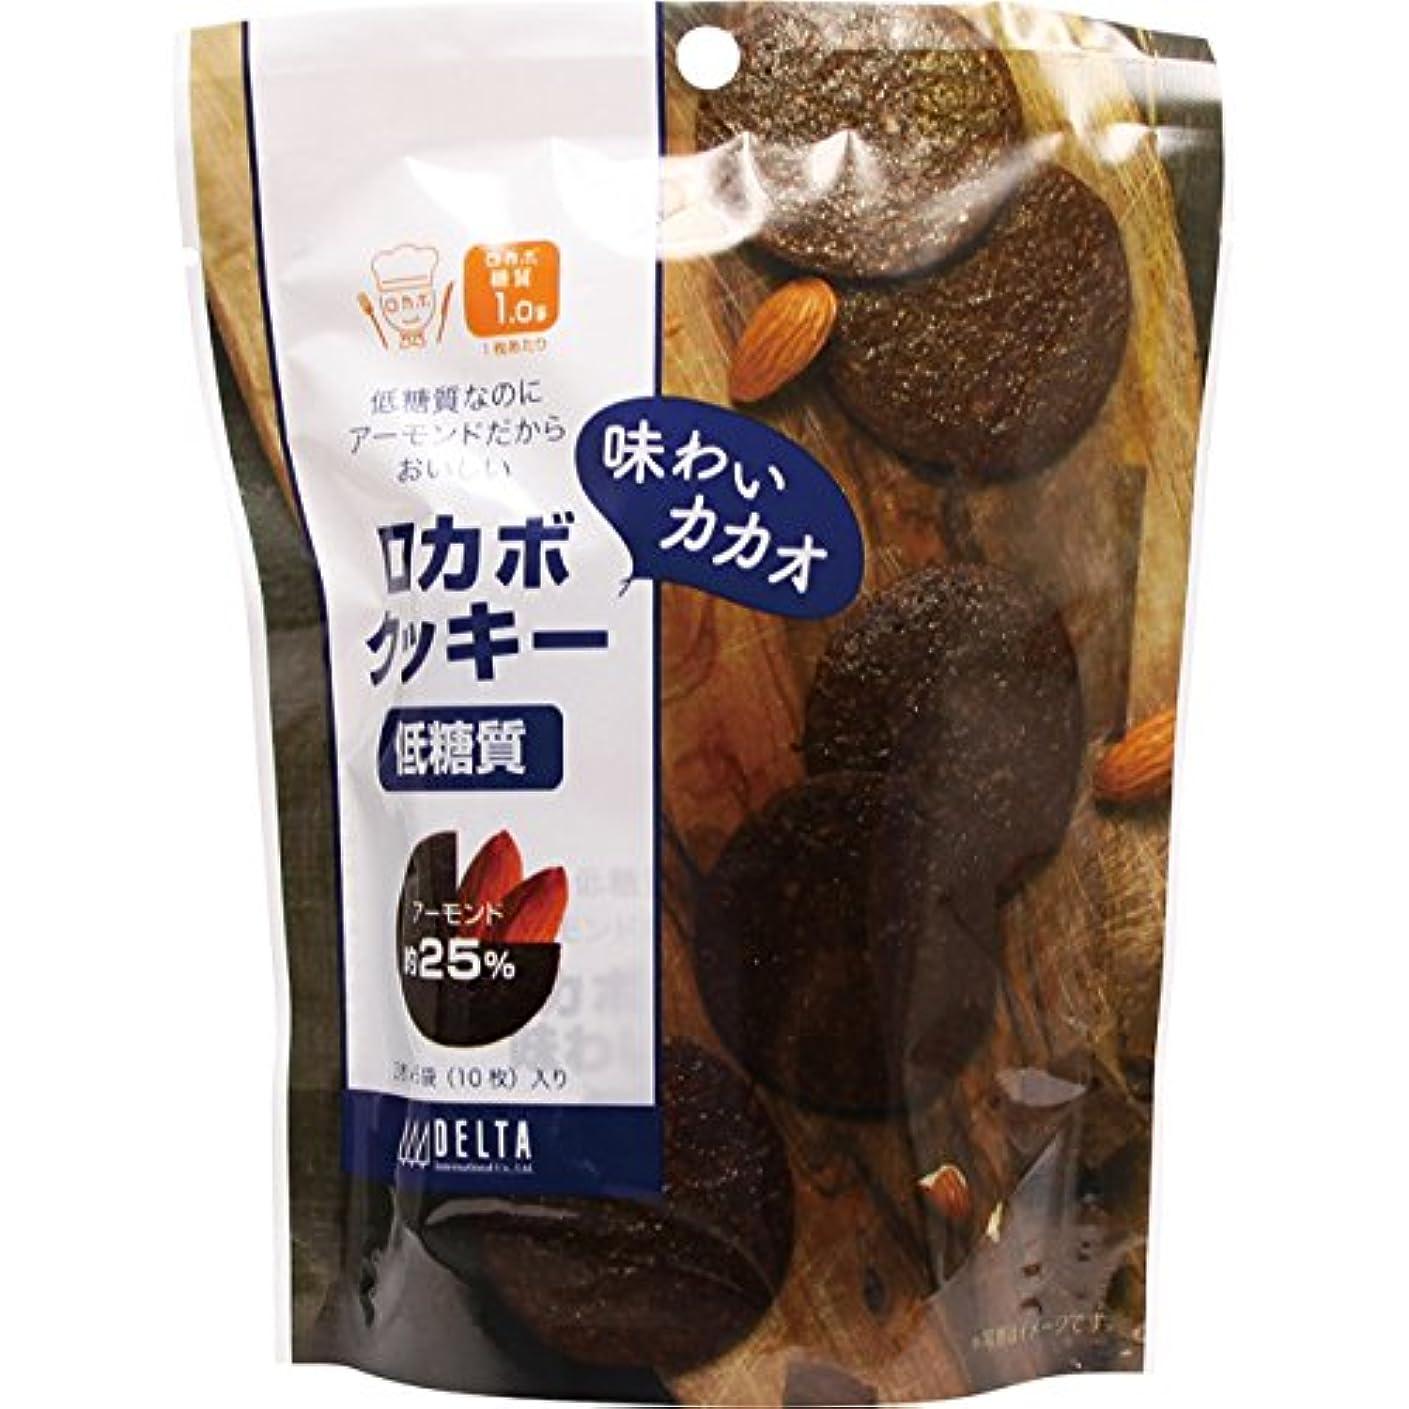 中庭枠スパンデルタ 低糖質 ロカボクッキー 味わいカカオ 10枚【5個セット】